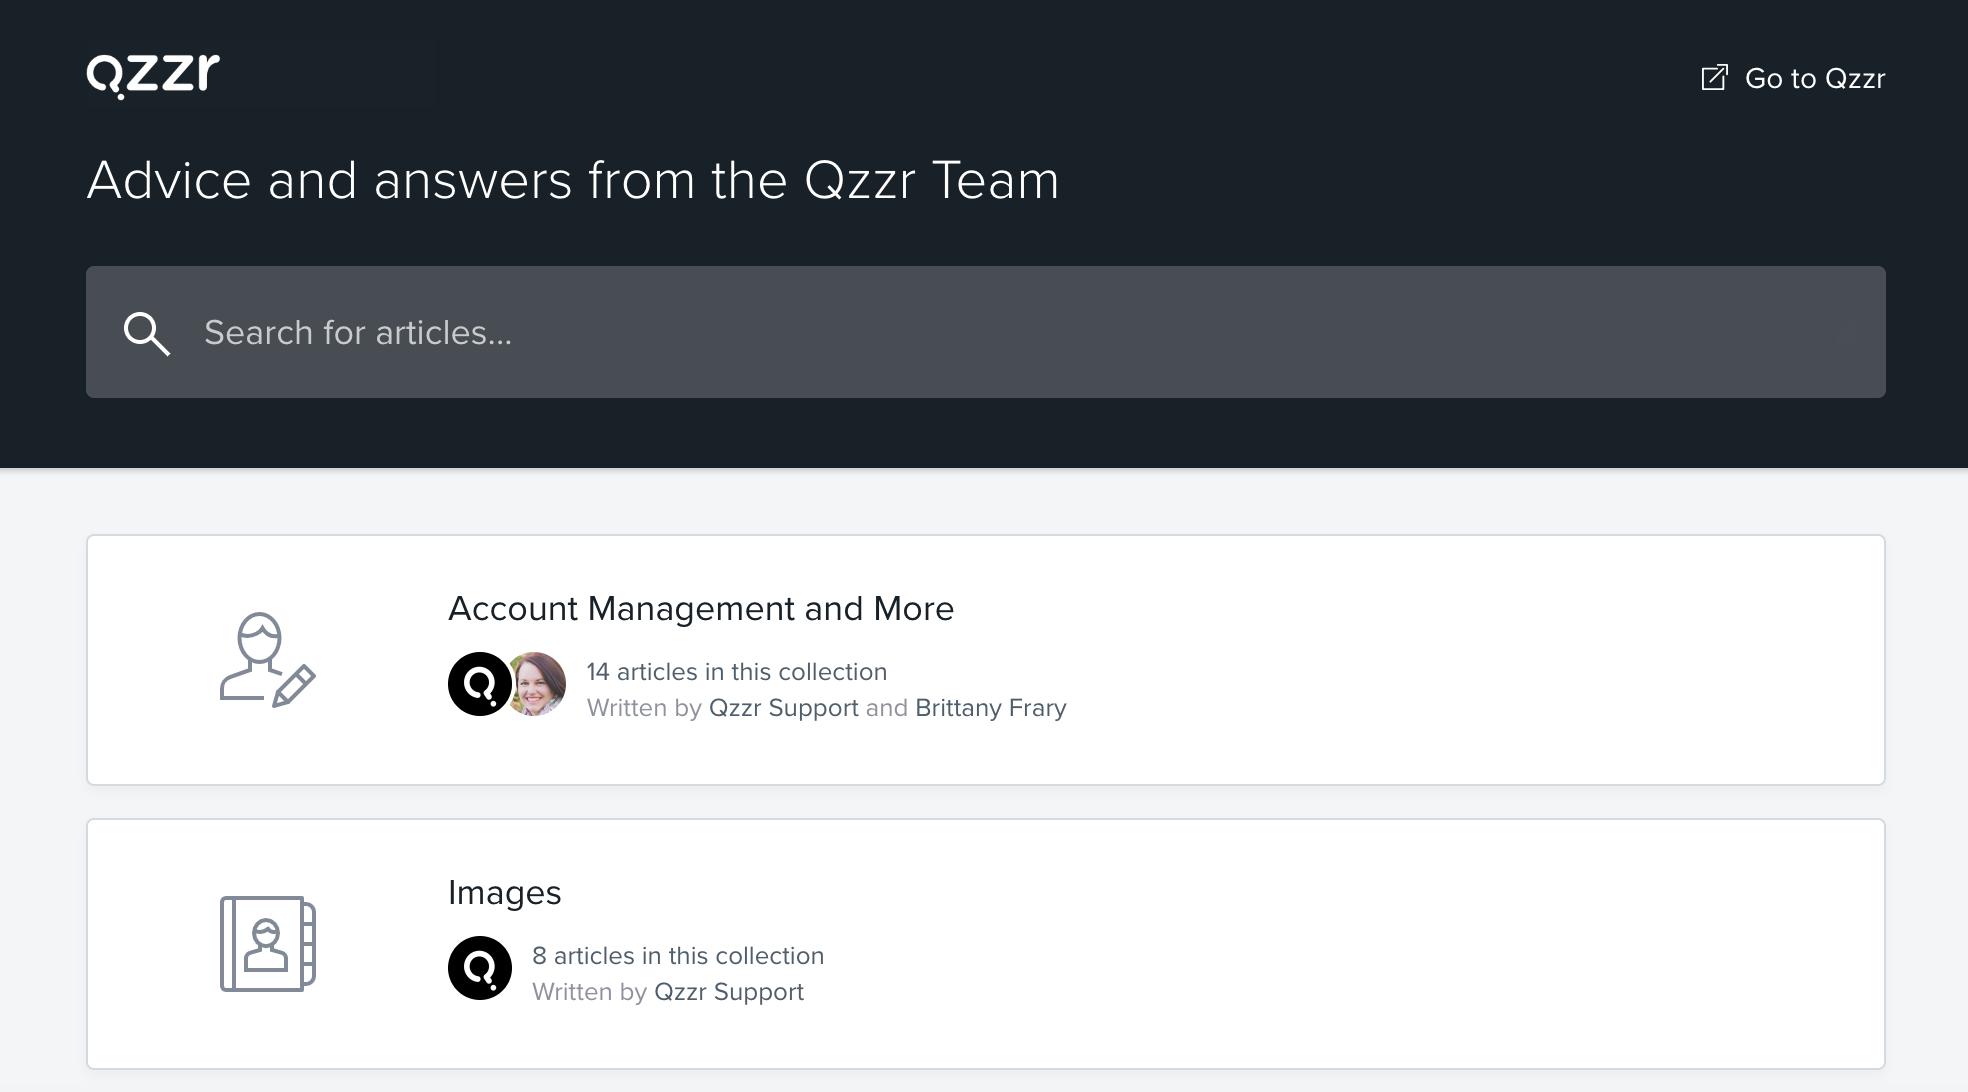 Qzzr Resource Hub